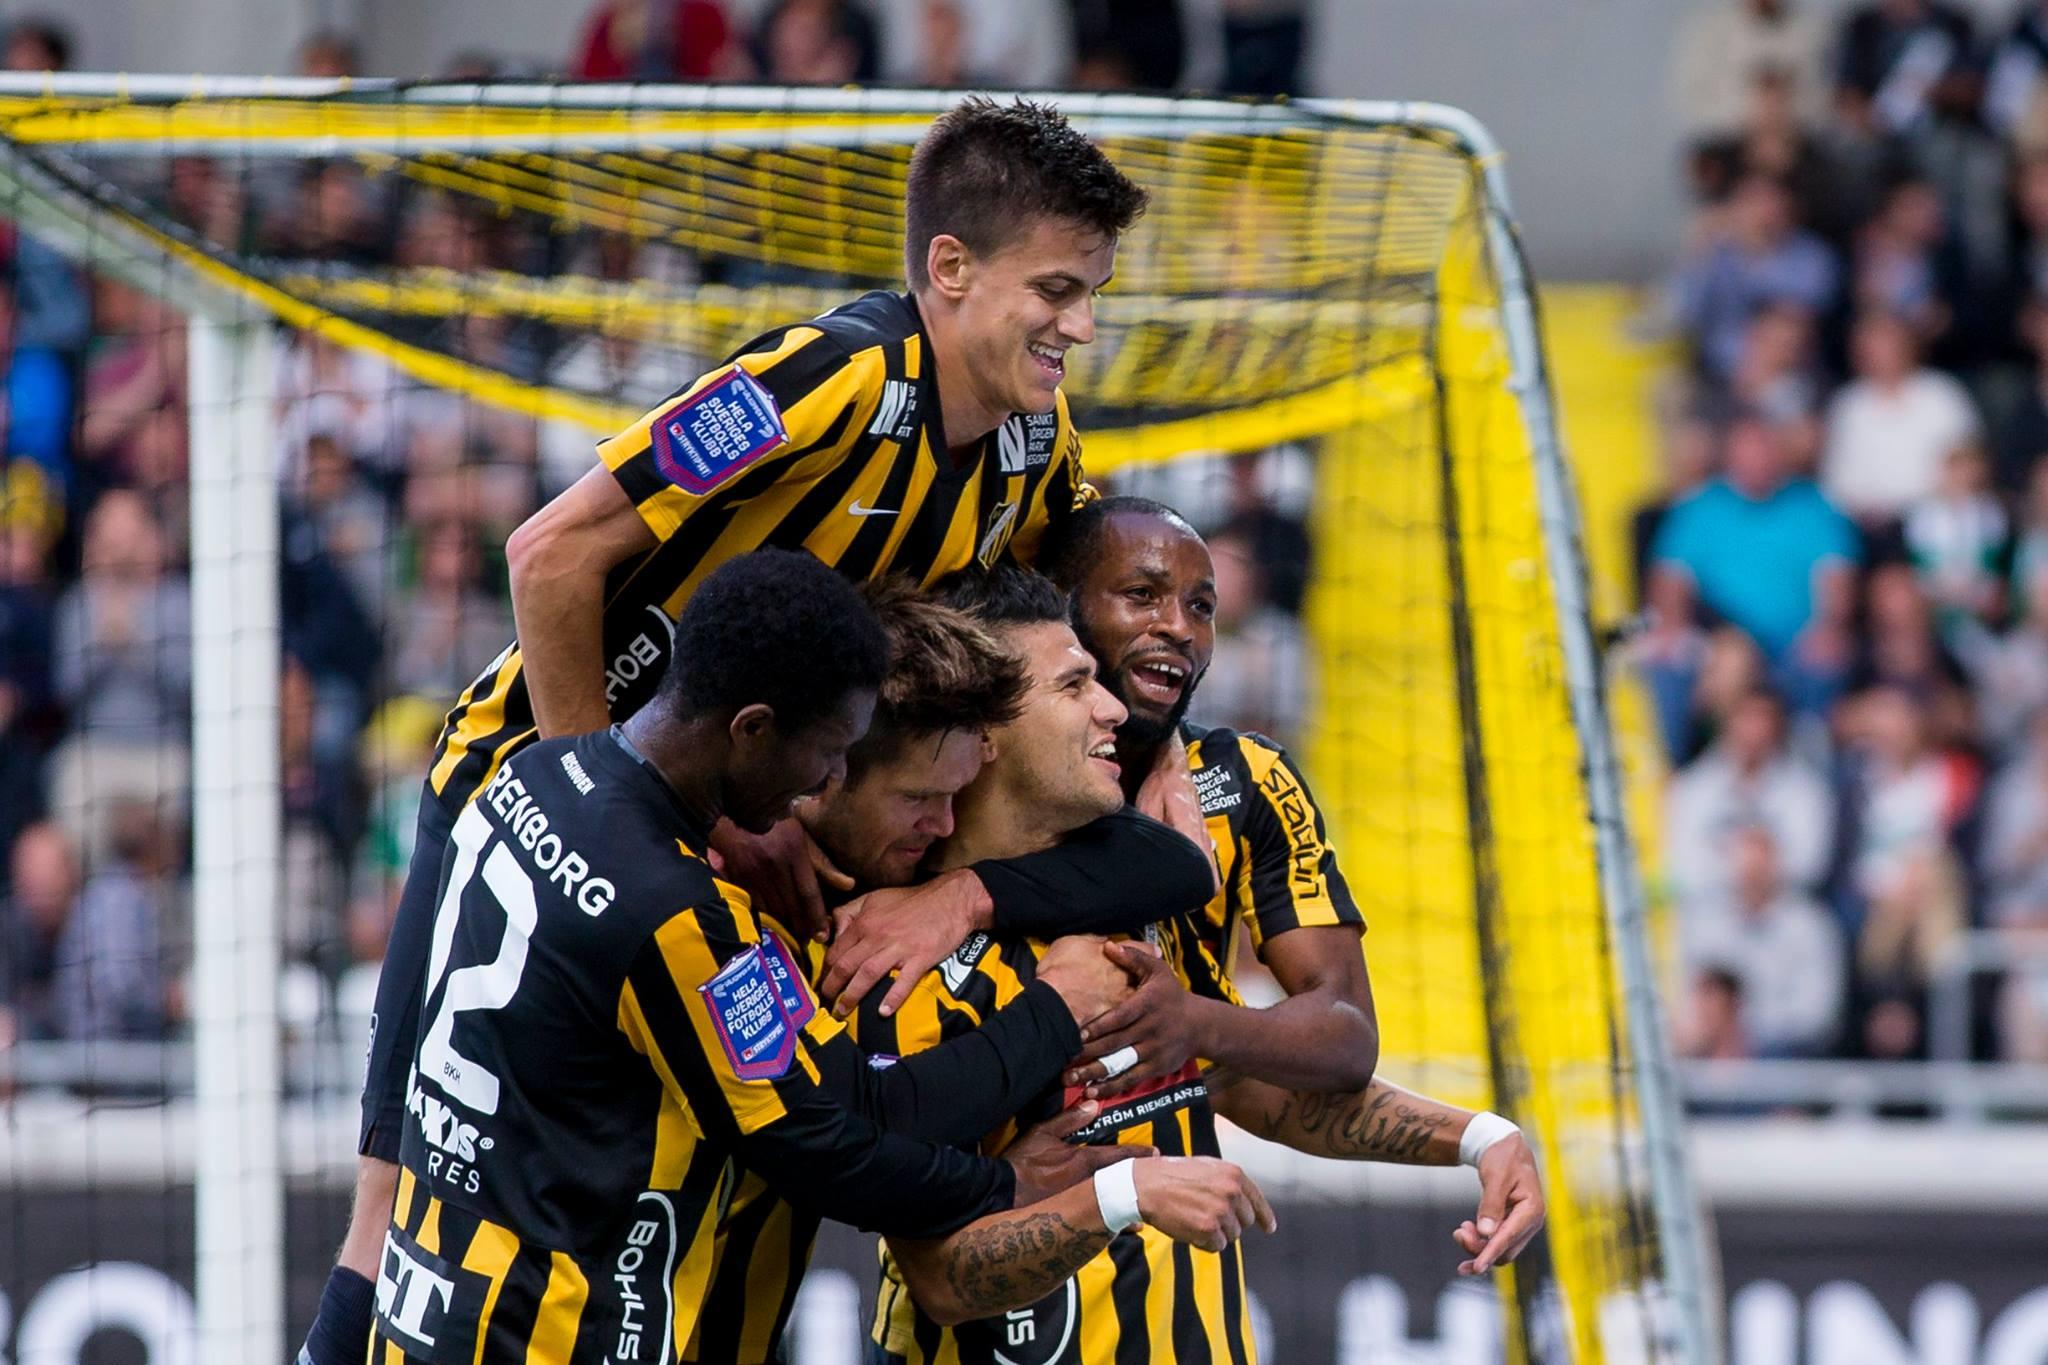 Kalmar-Hacken 27 settembre: si gioca per la 23 esima giornata del campionato svedese. Gli ospiti sono favoriti per i 3 punti.